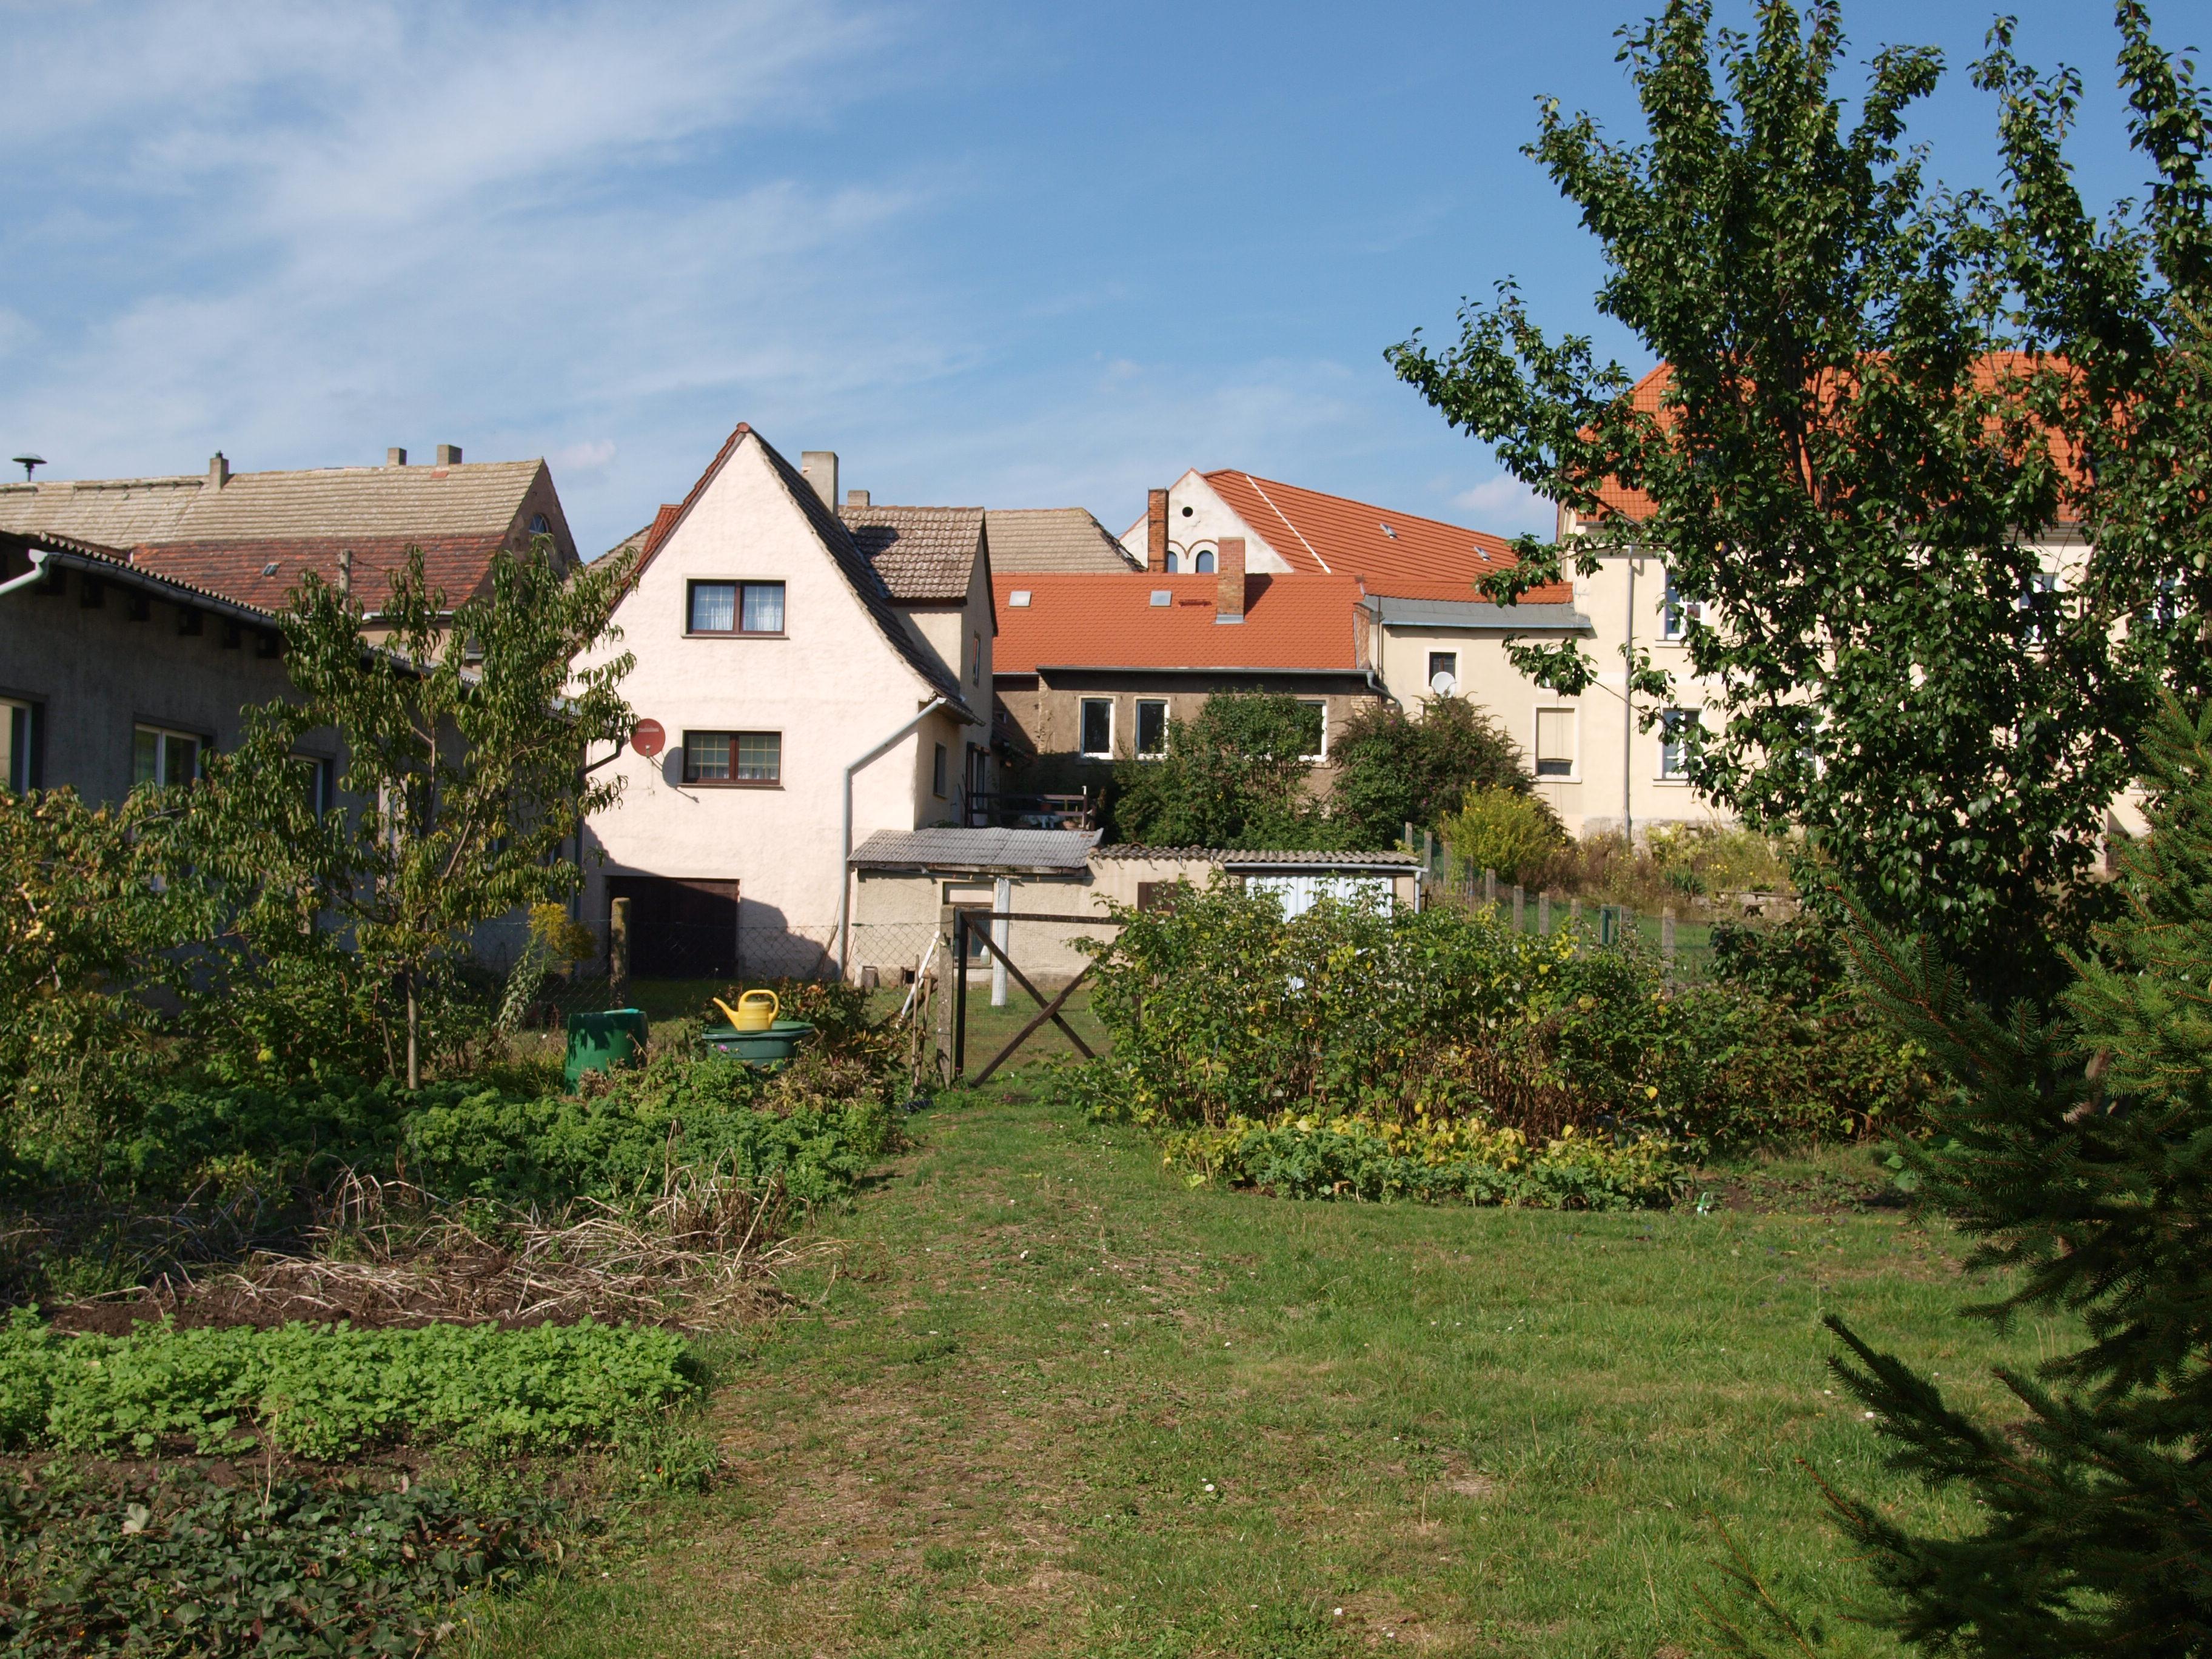 Einfamilienhaus Rottelsdorf - Blick vom Garten